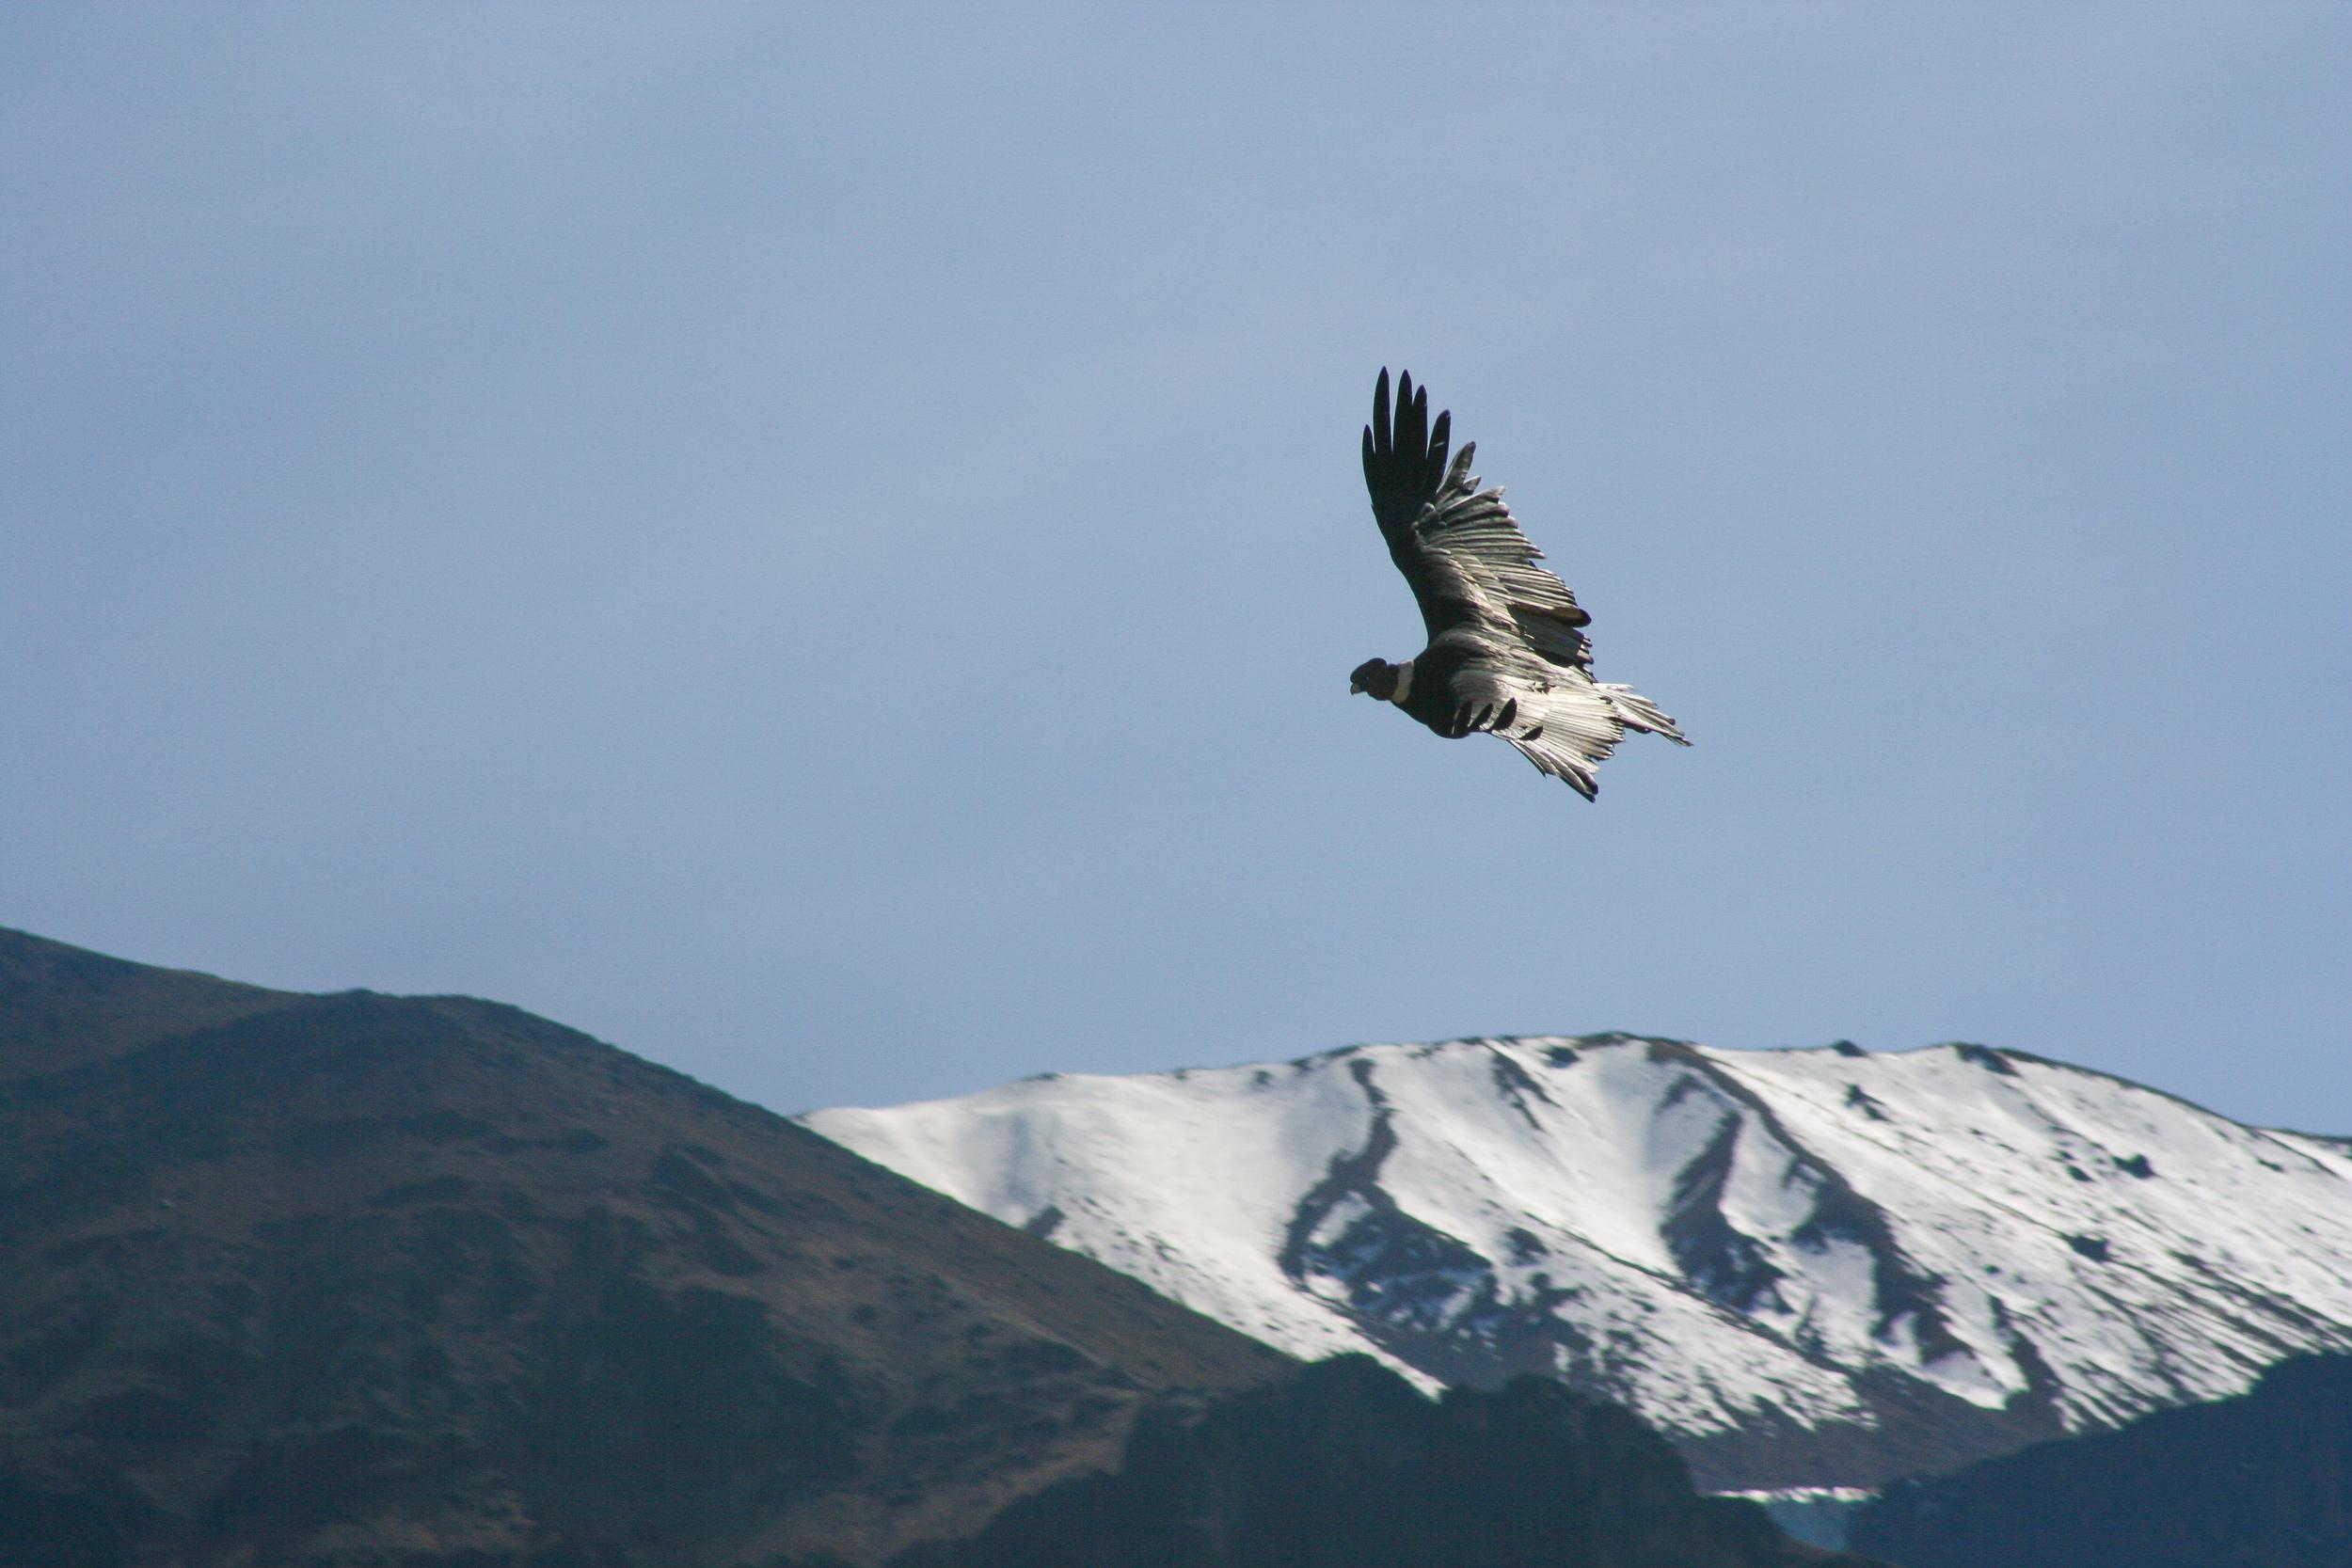 Condor_Andes_Mountains.jpg